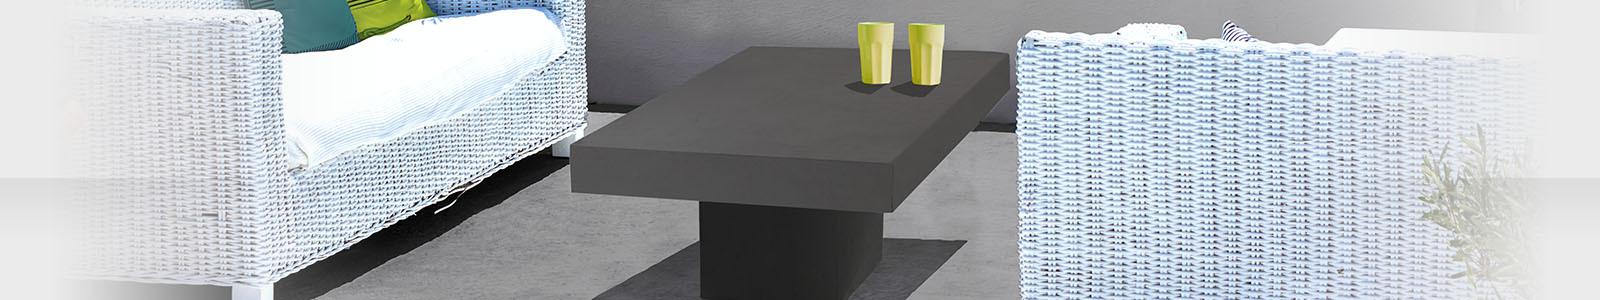 Porenf ller f r beton mineral aussenbereich resinence - Beton mineral resinence ...